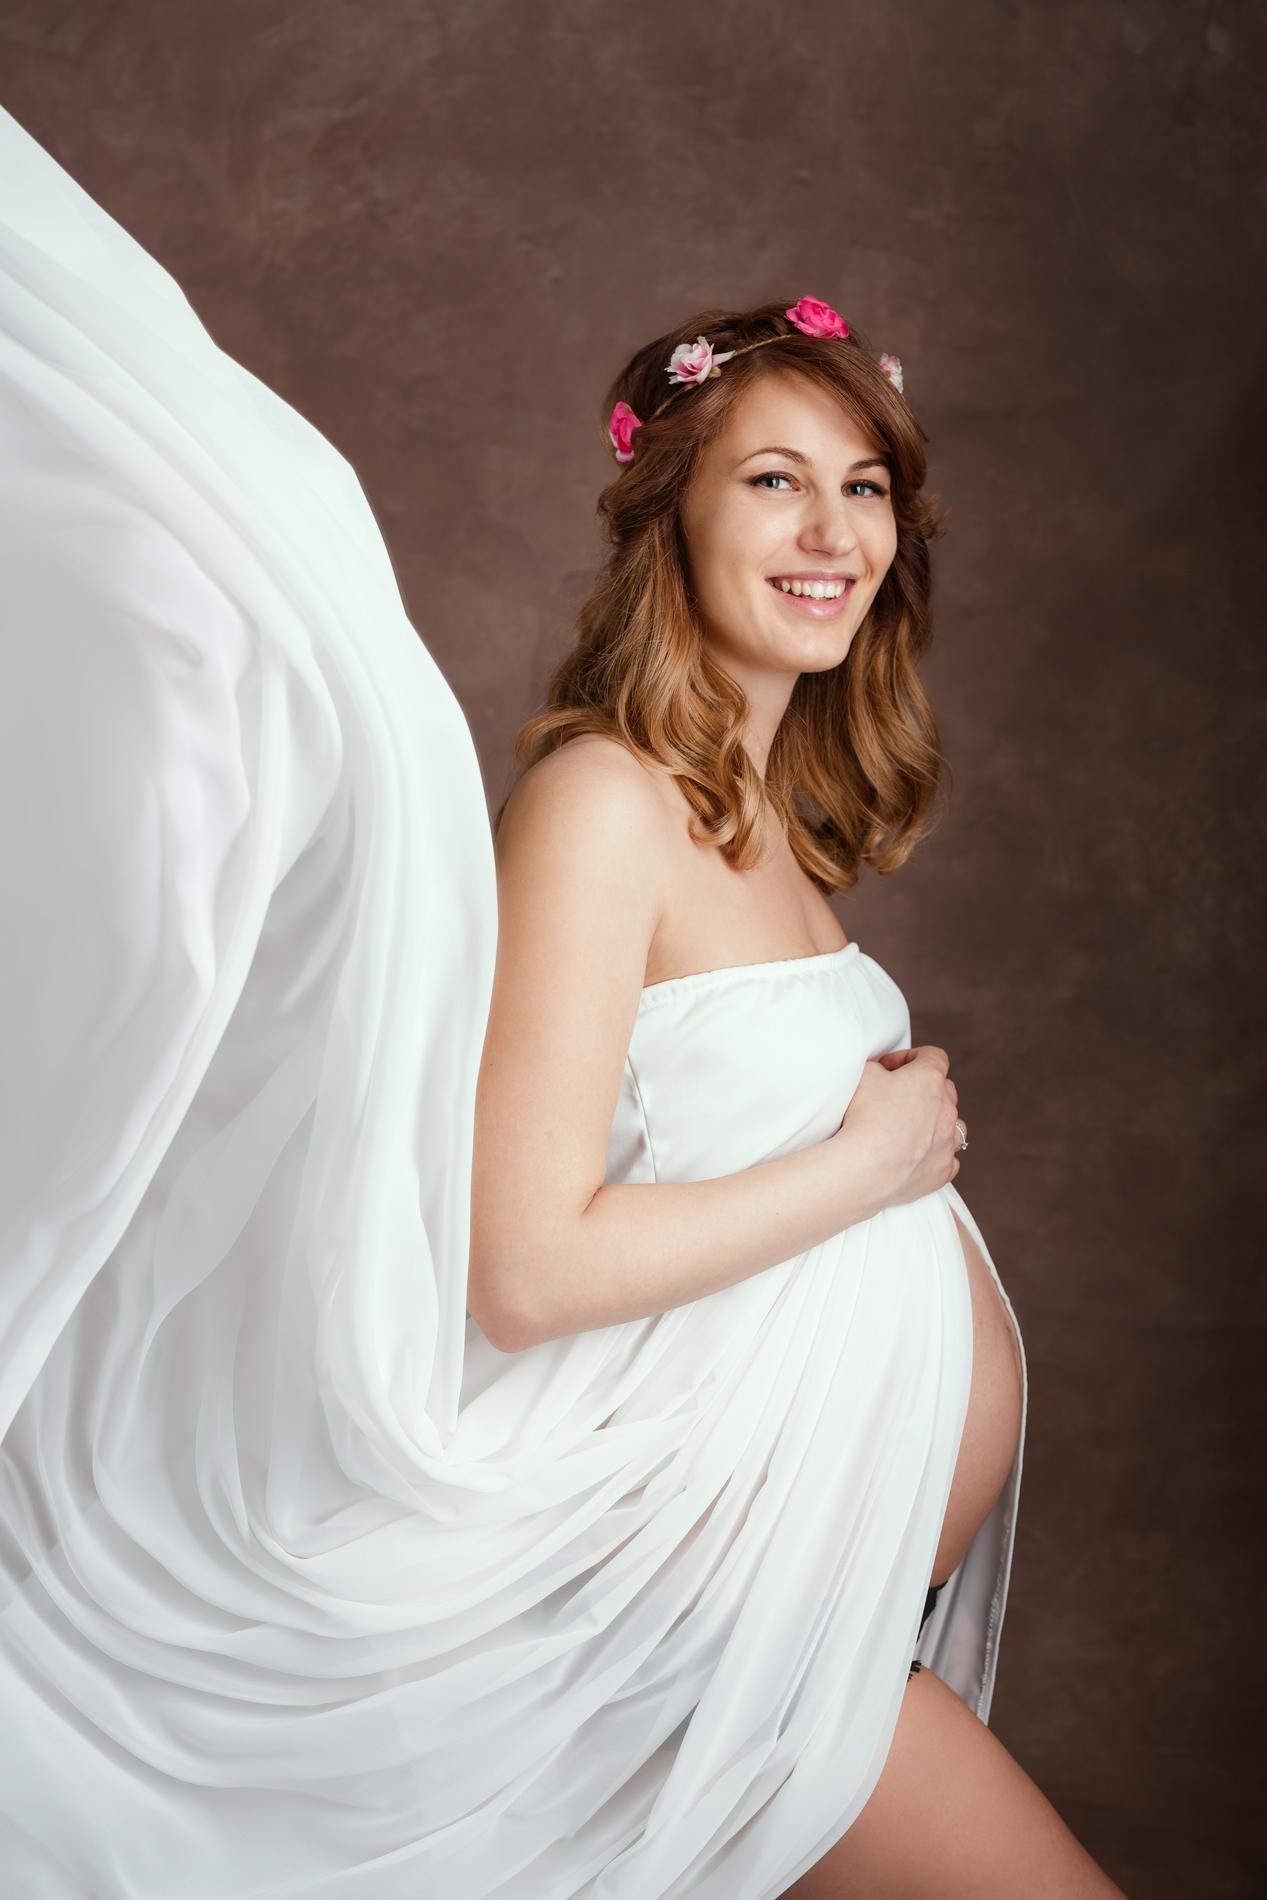 fotografii gravide